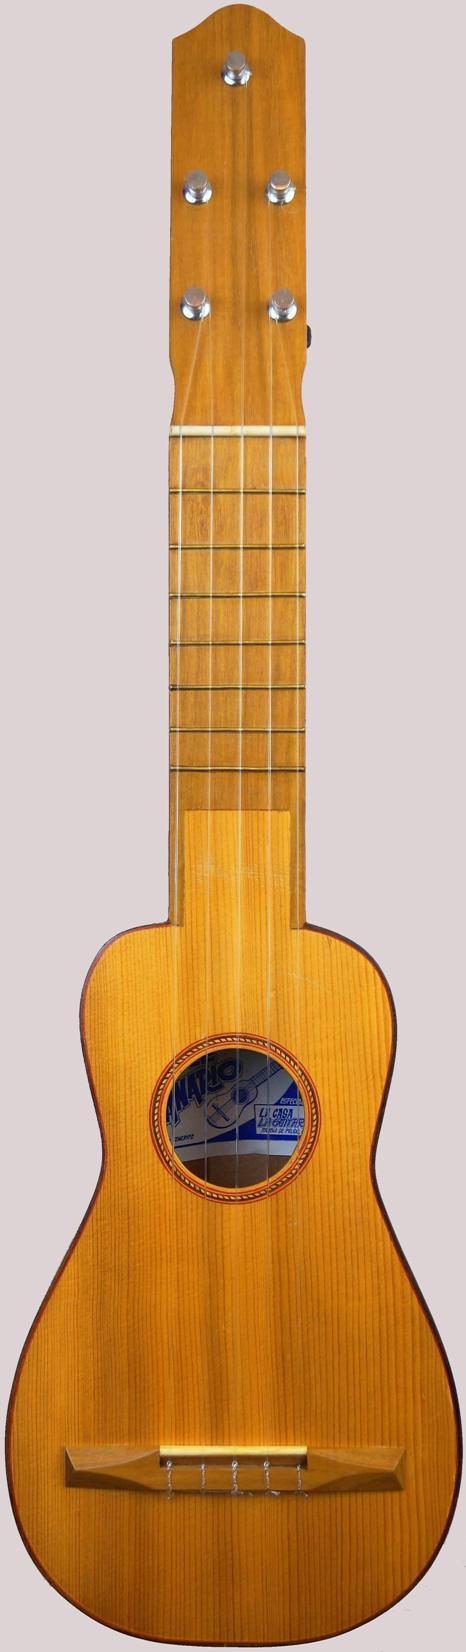 La Casa la Guitarra Timple Canario